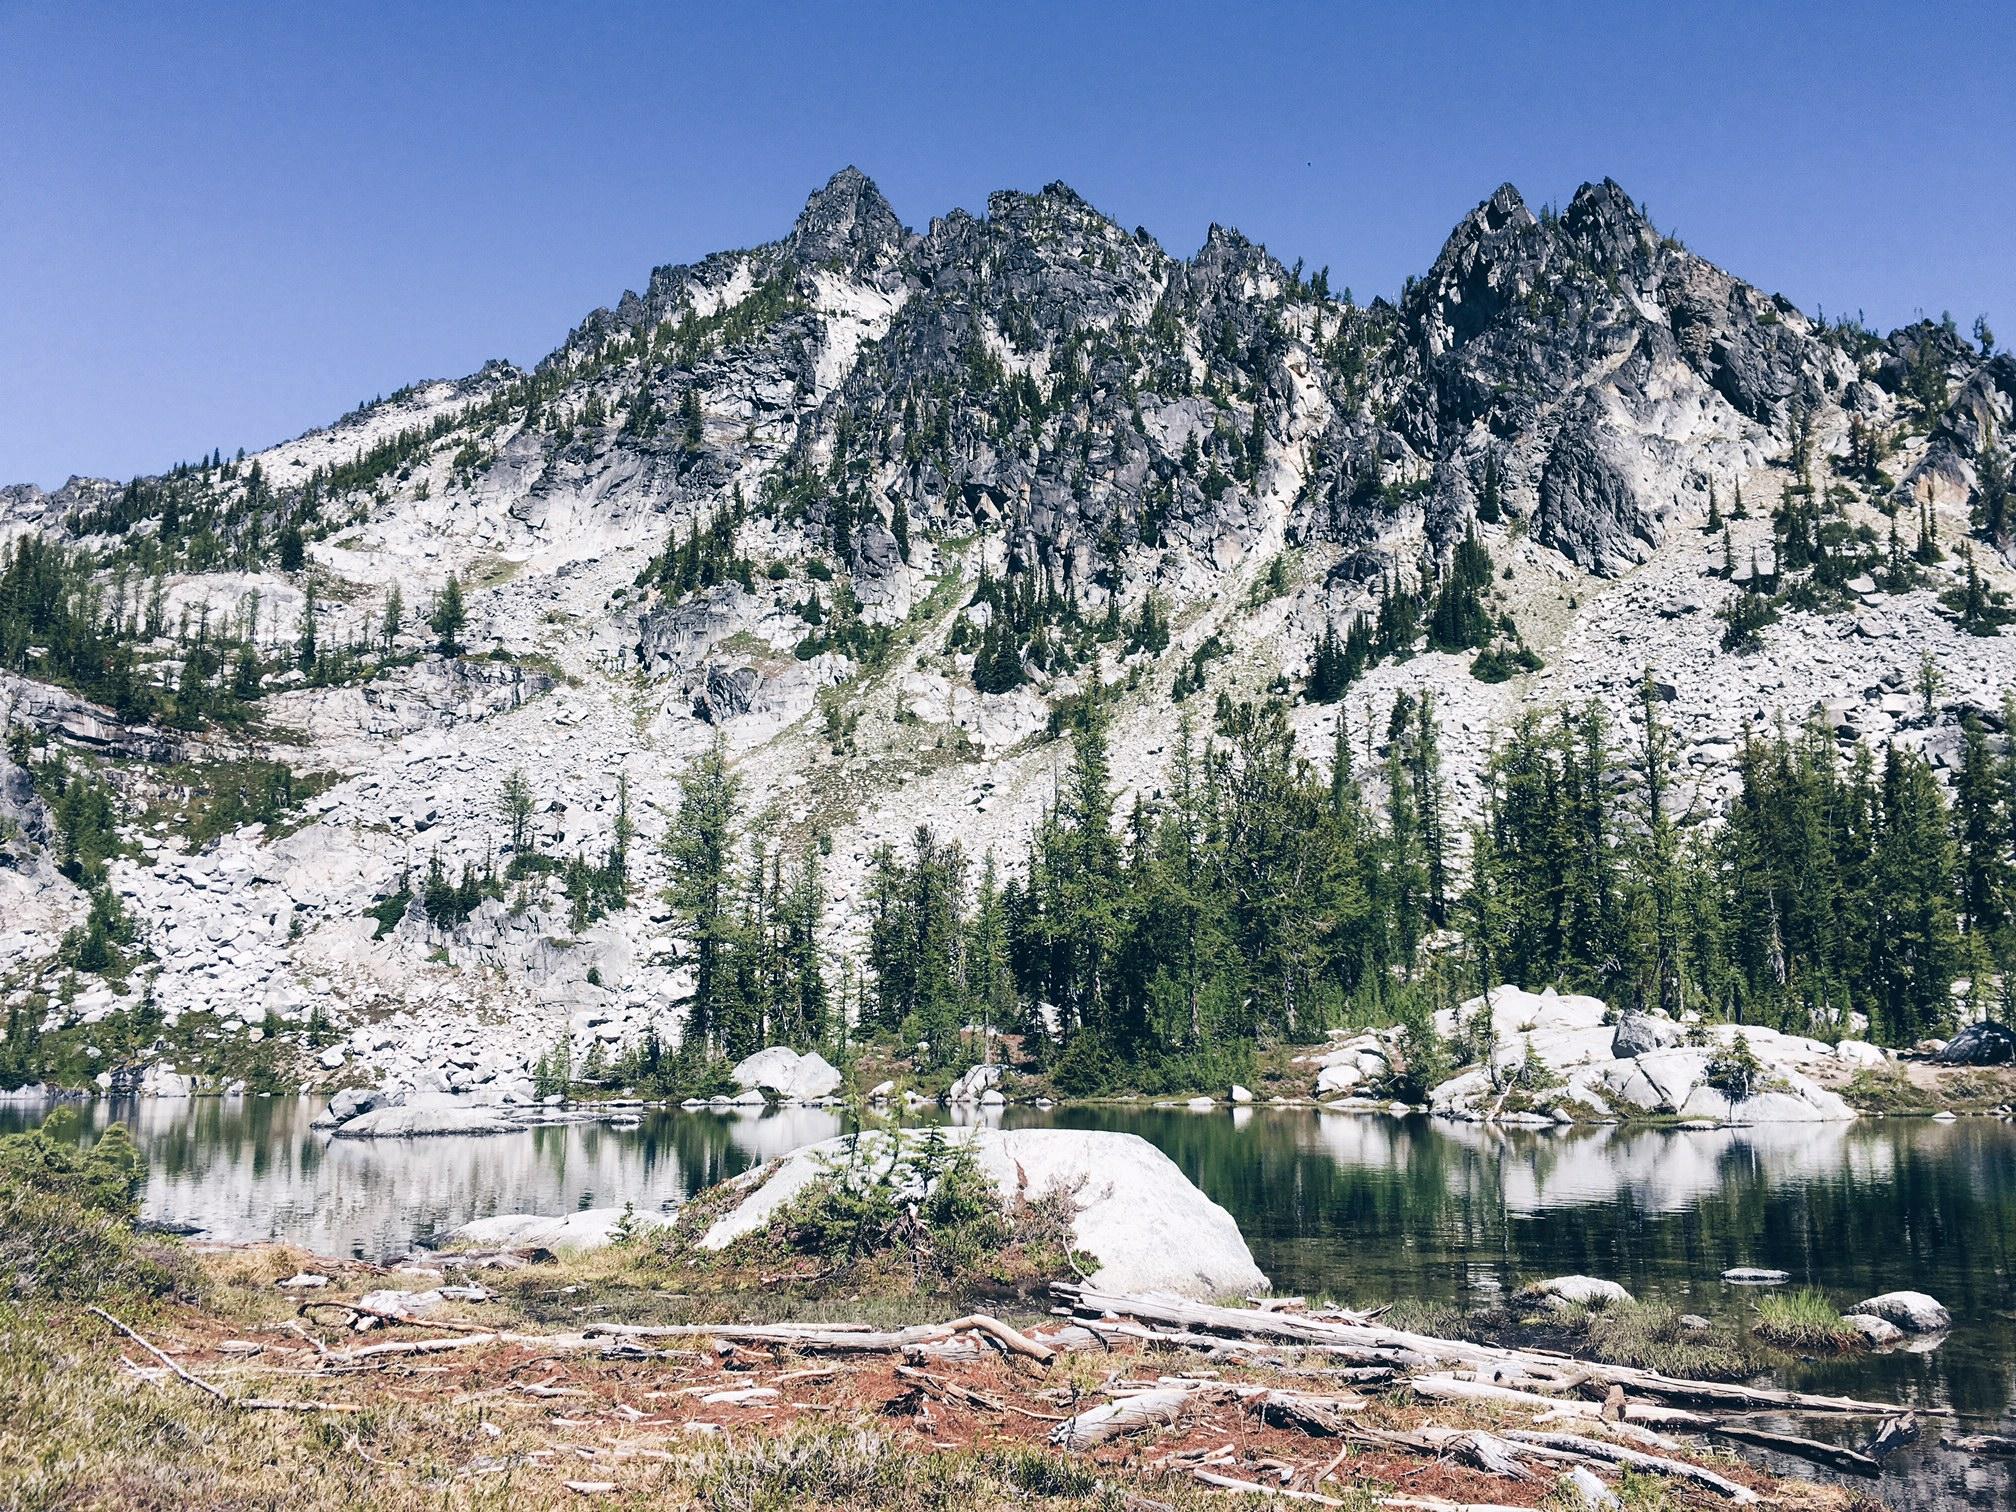 Horseshoe Lake in the Enchantments, Washington